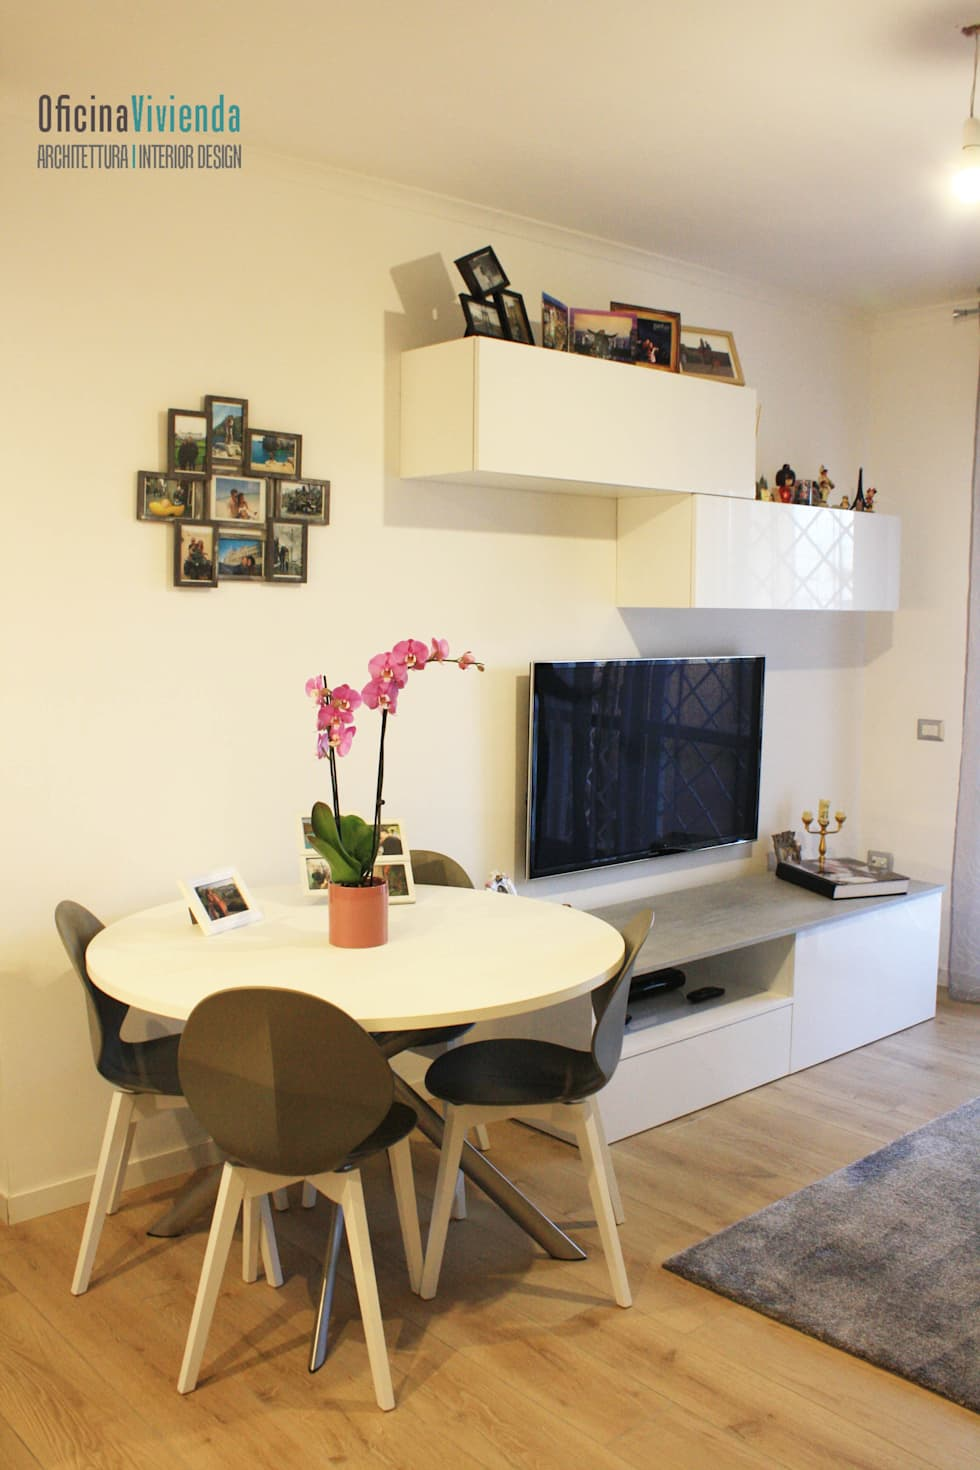 Un piccolo nido per due: Sala da pranzo in stile in stile Moderno di OficinaVivienda _ architettura I interior design